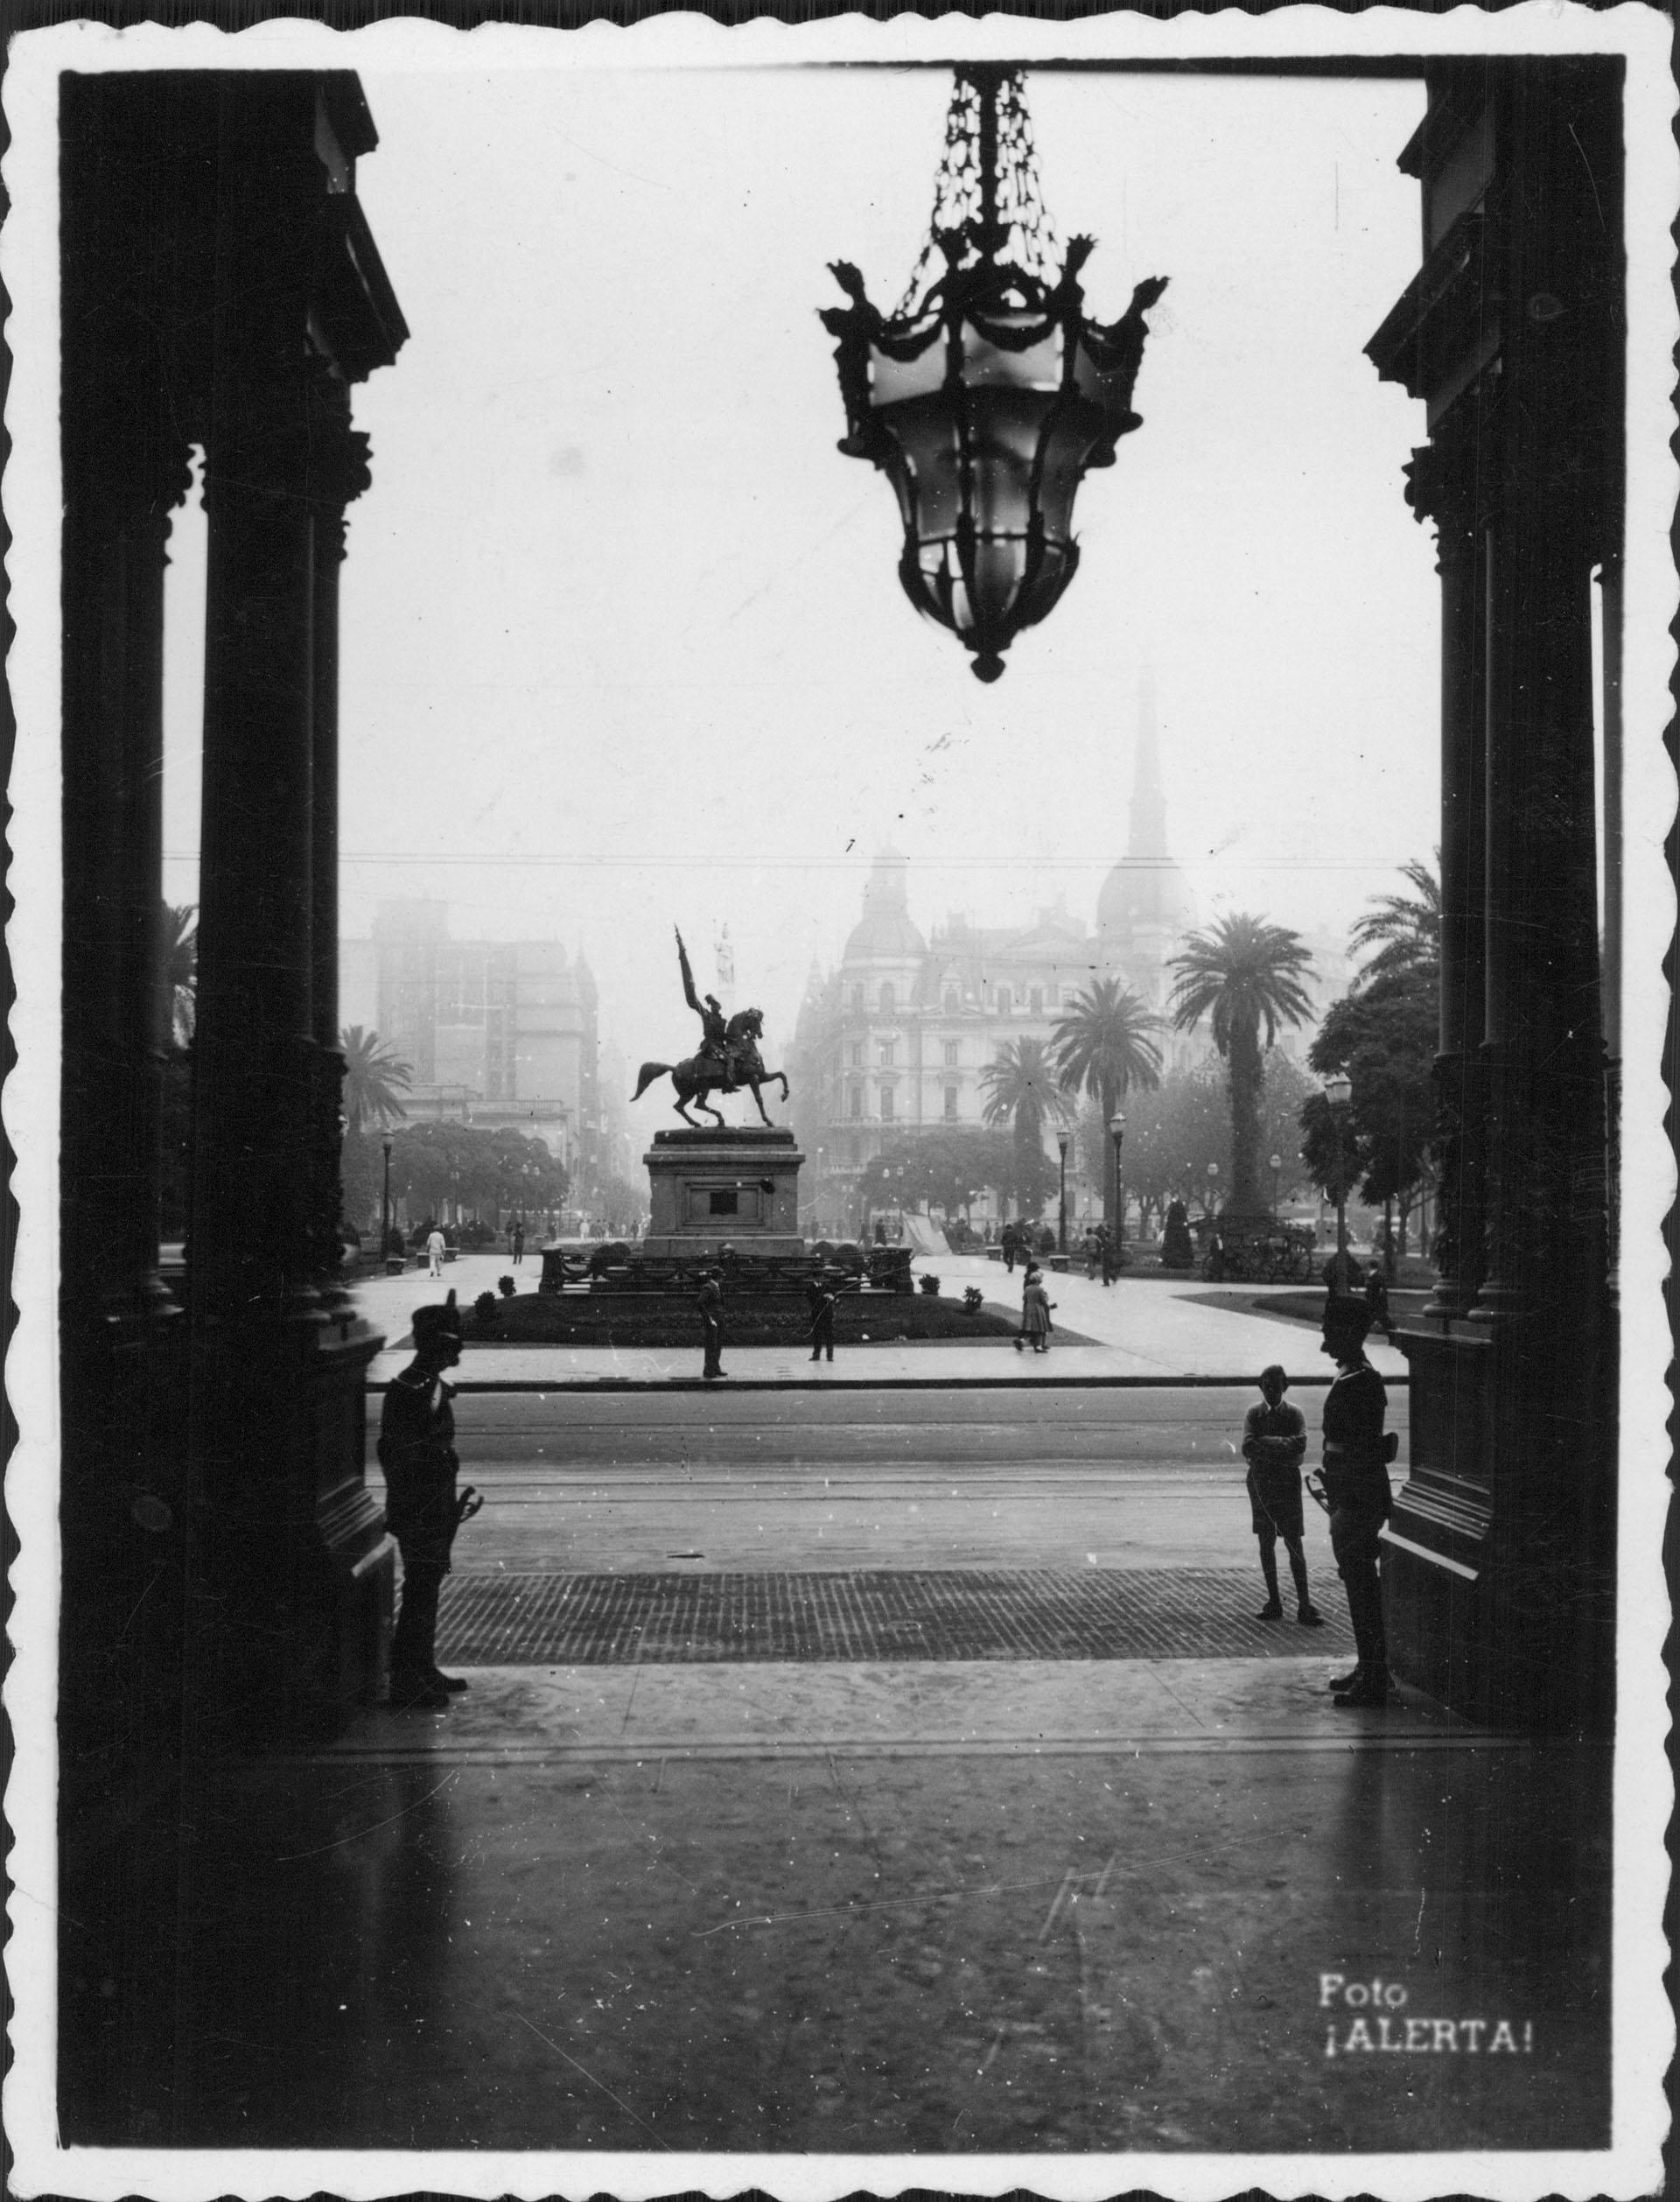 Vista del monumento a Belgrano desde el interior de la Casa Rosada (Archivo General de la Nación)